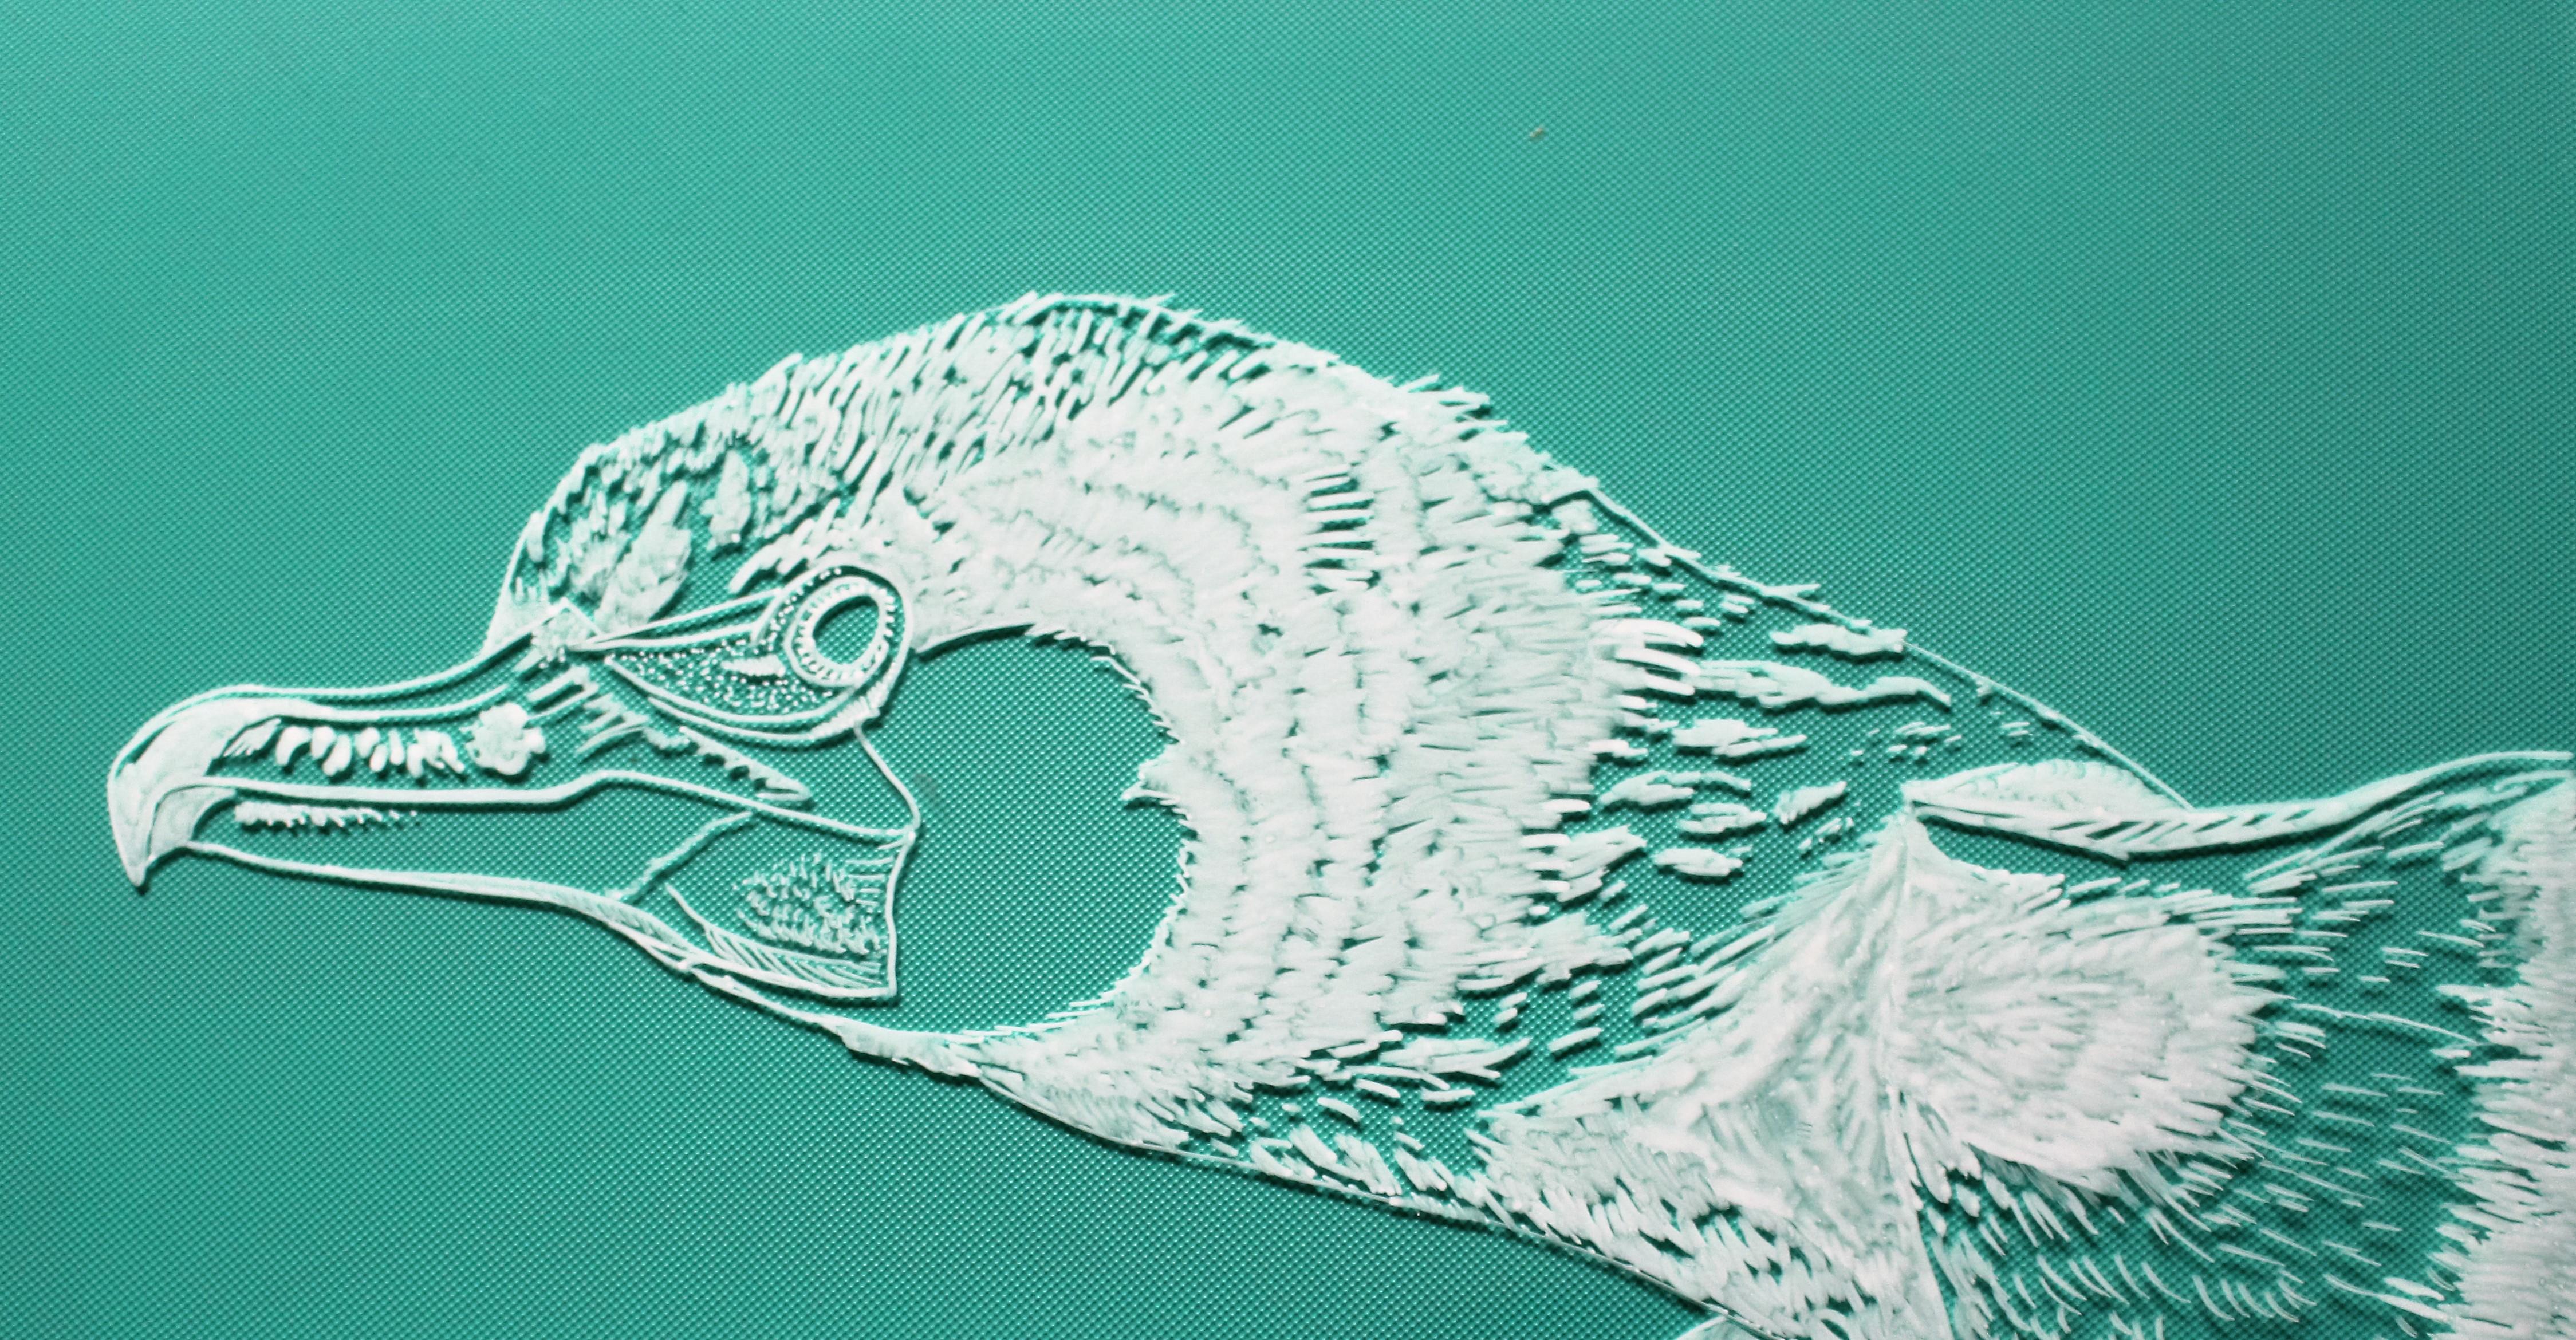 raamtekening aalscholver op fotolijst